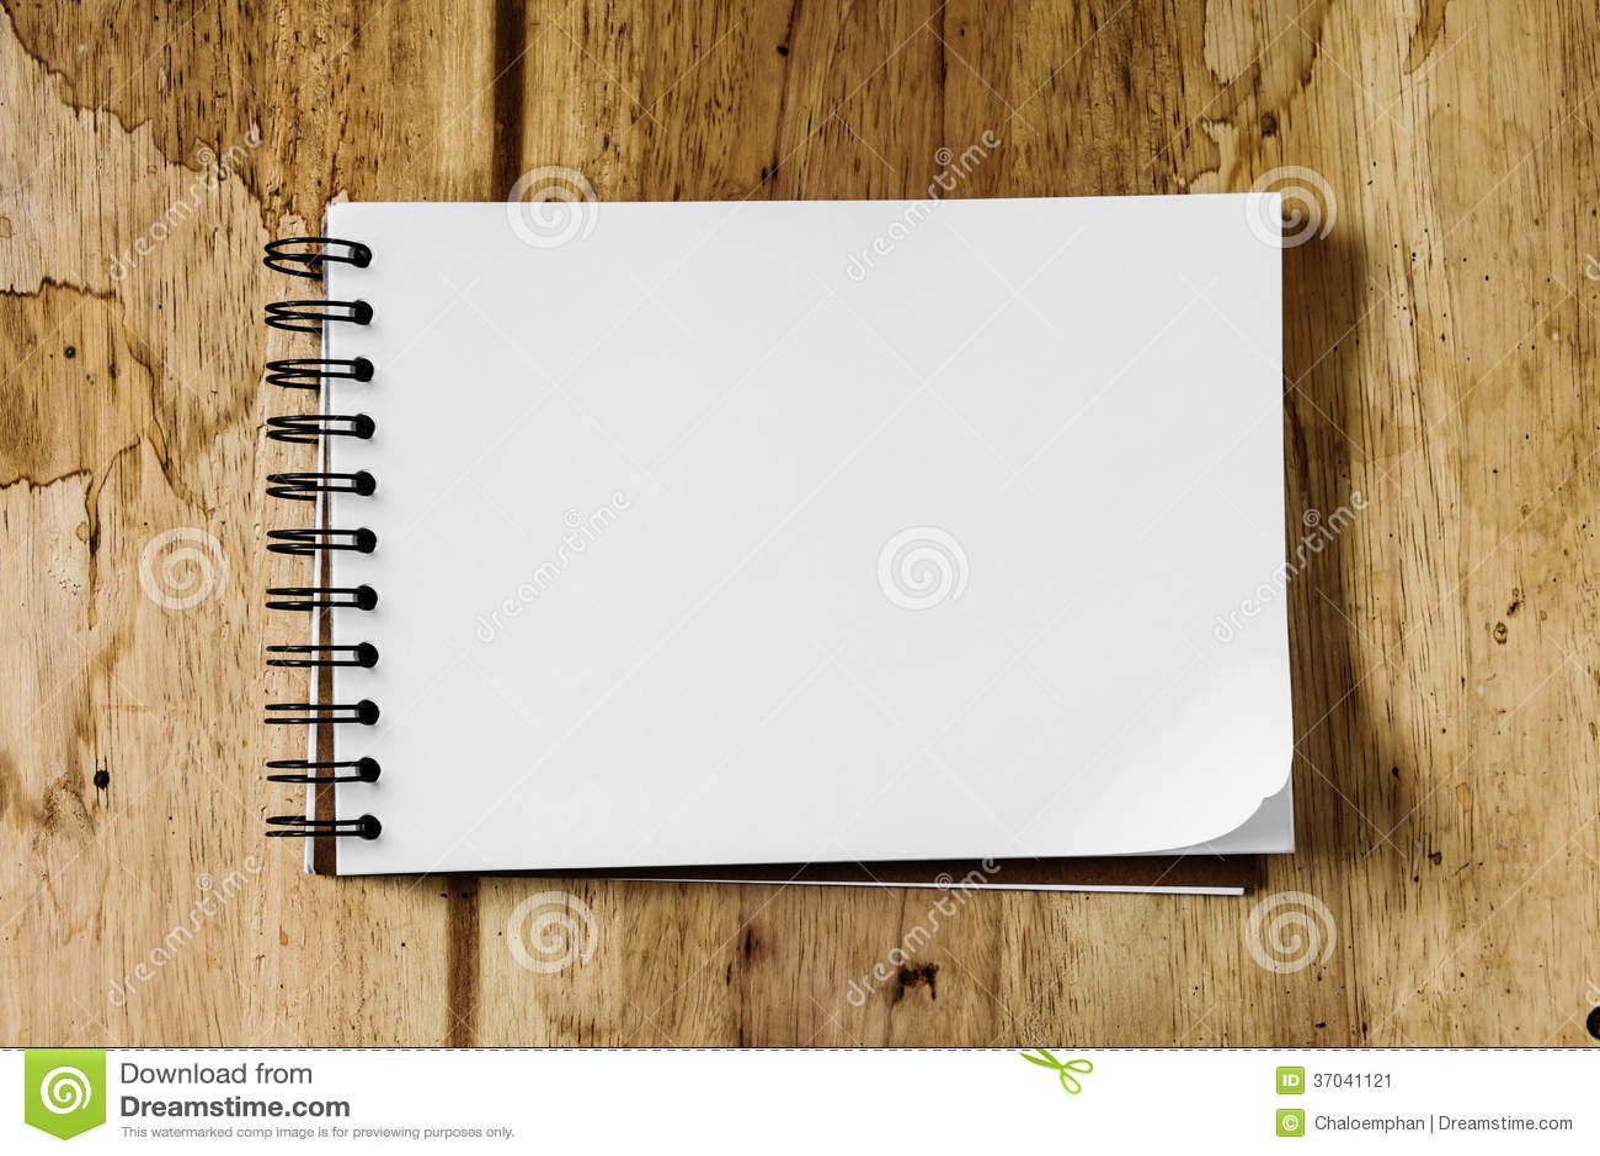 Sketchbook Against Wood Background Stock Image  Image